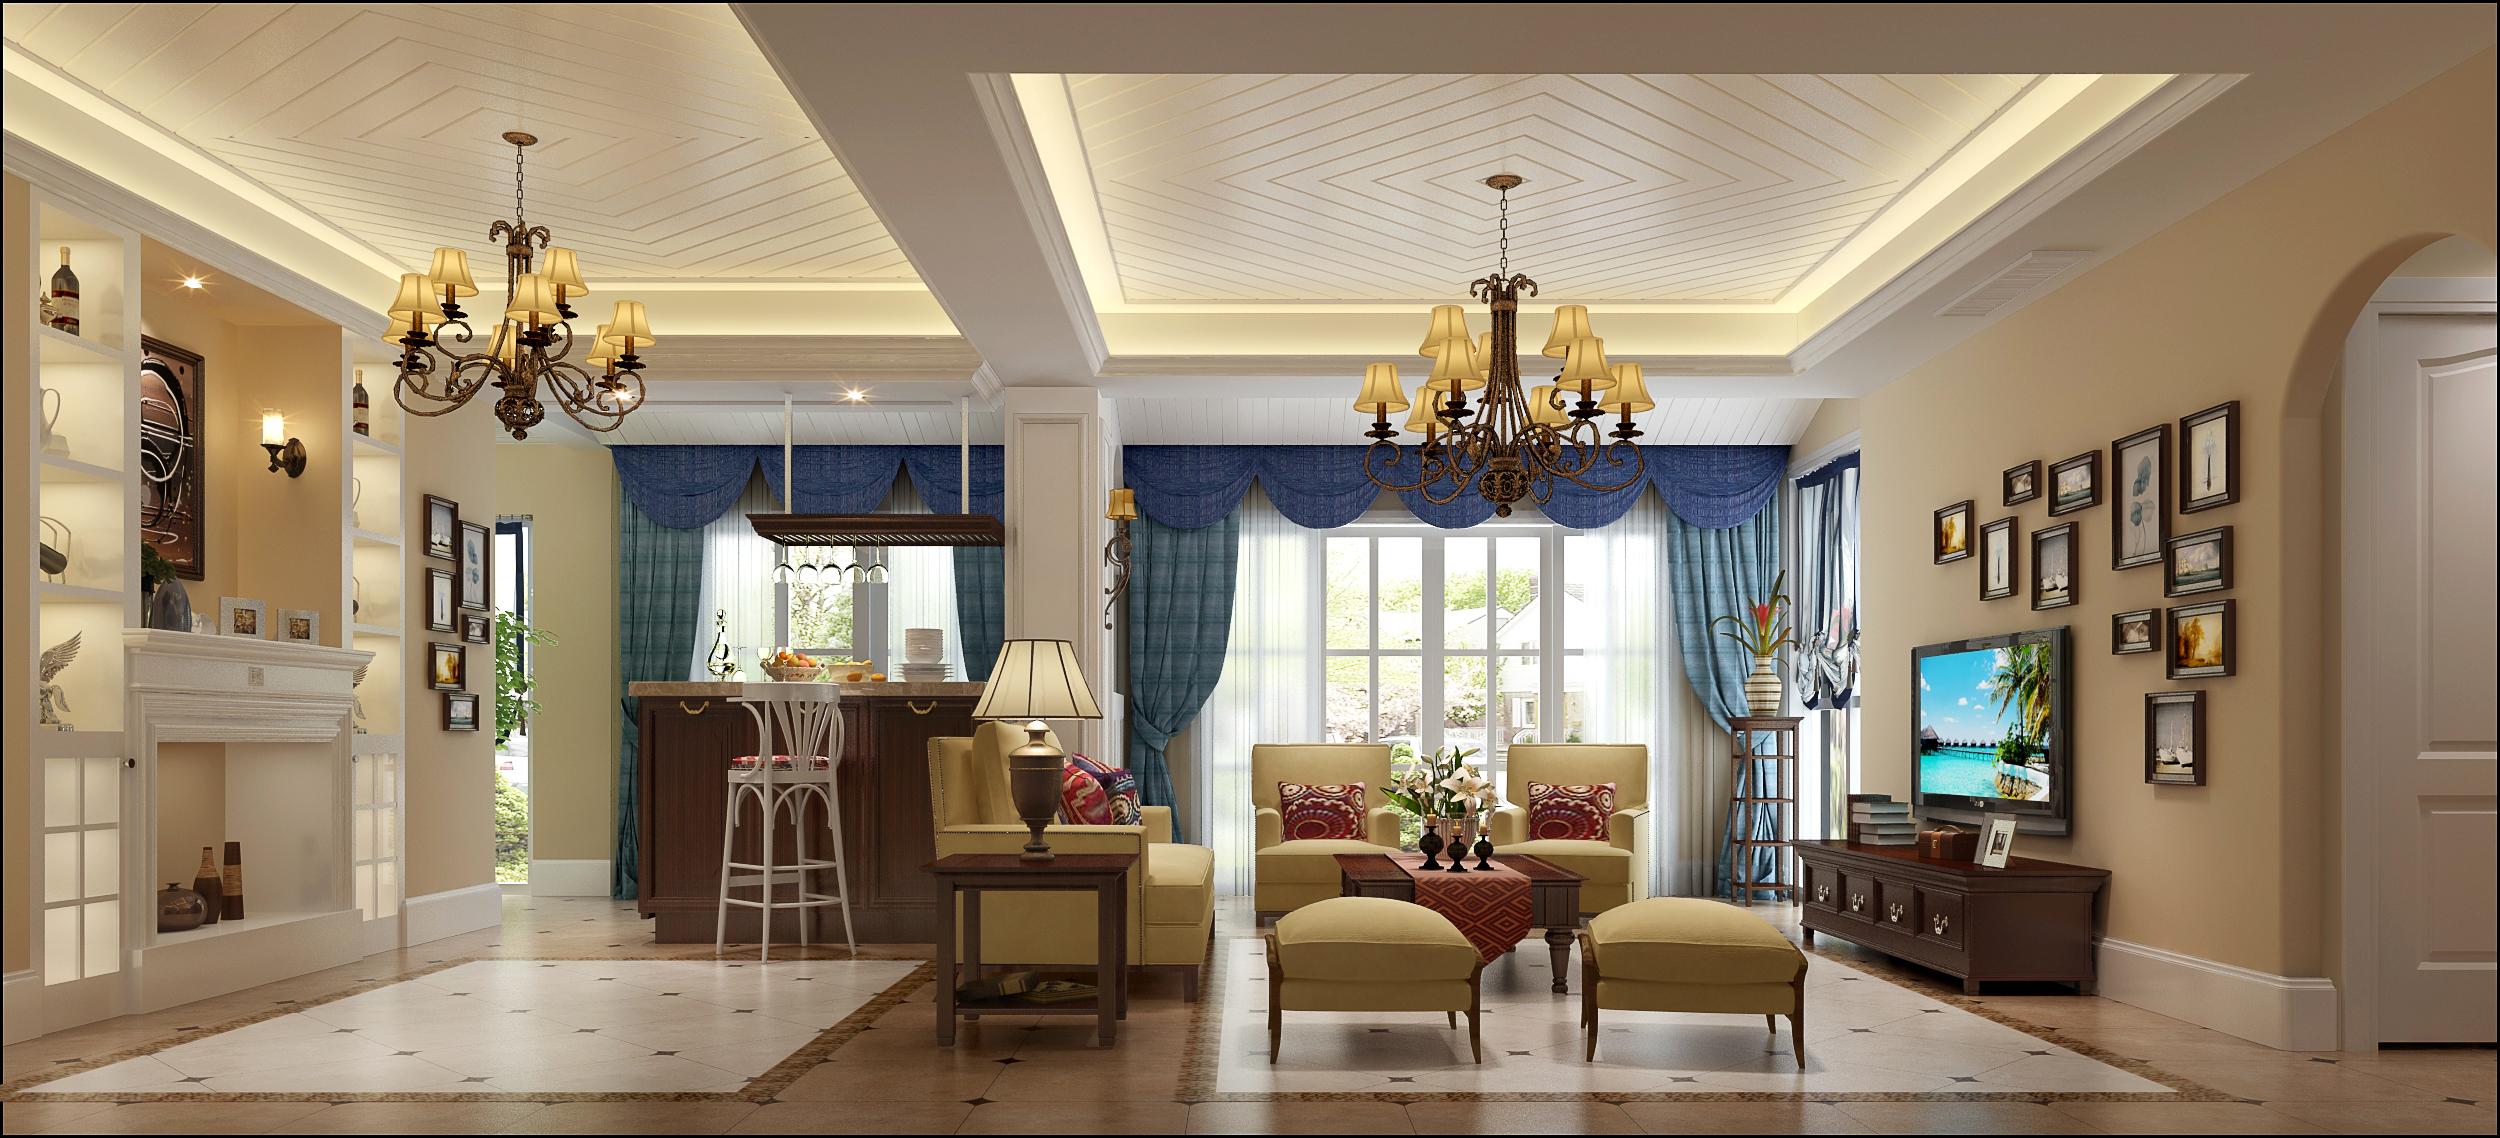 美式风格 福州装修 装修公司 设计 客厅图片来自福州有家装饰-小彭在美式风格1的分享